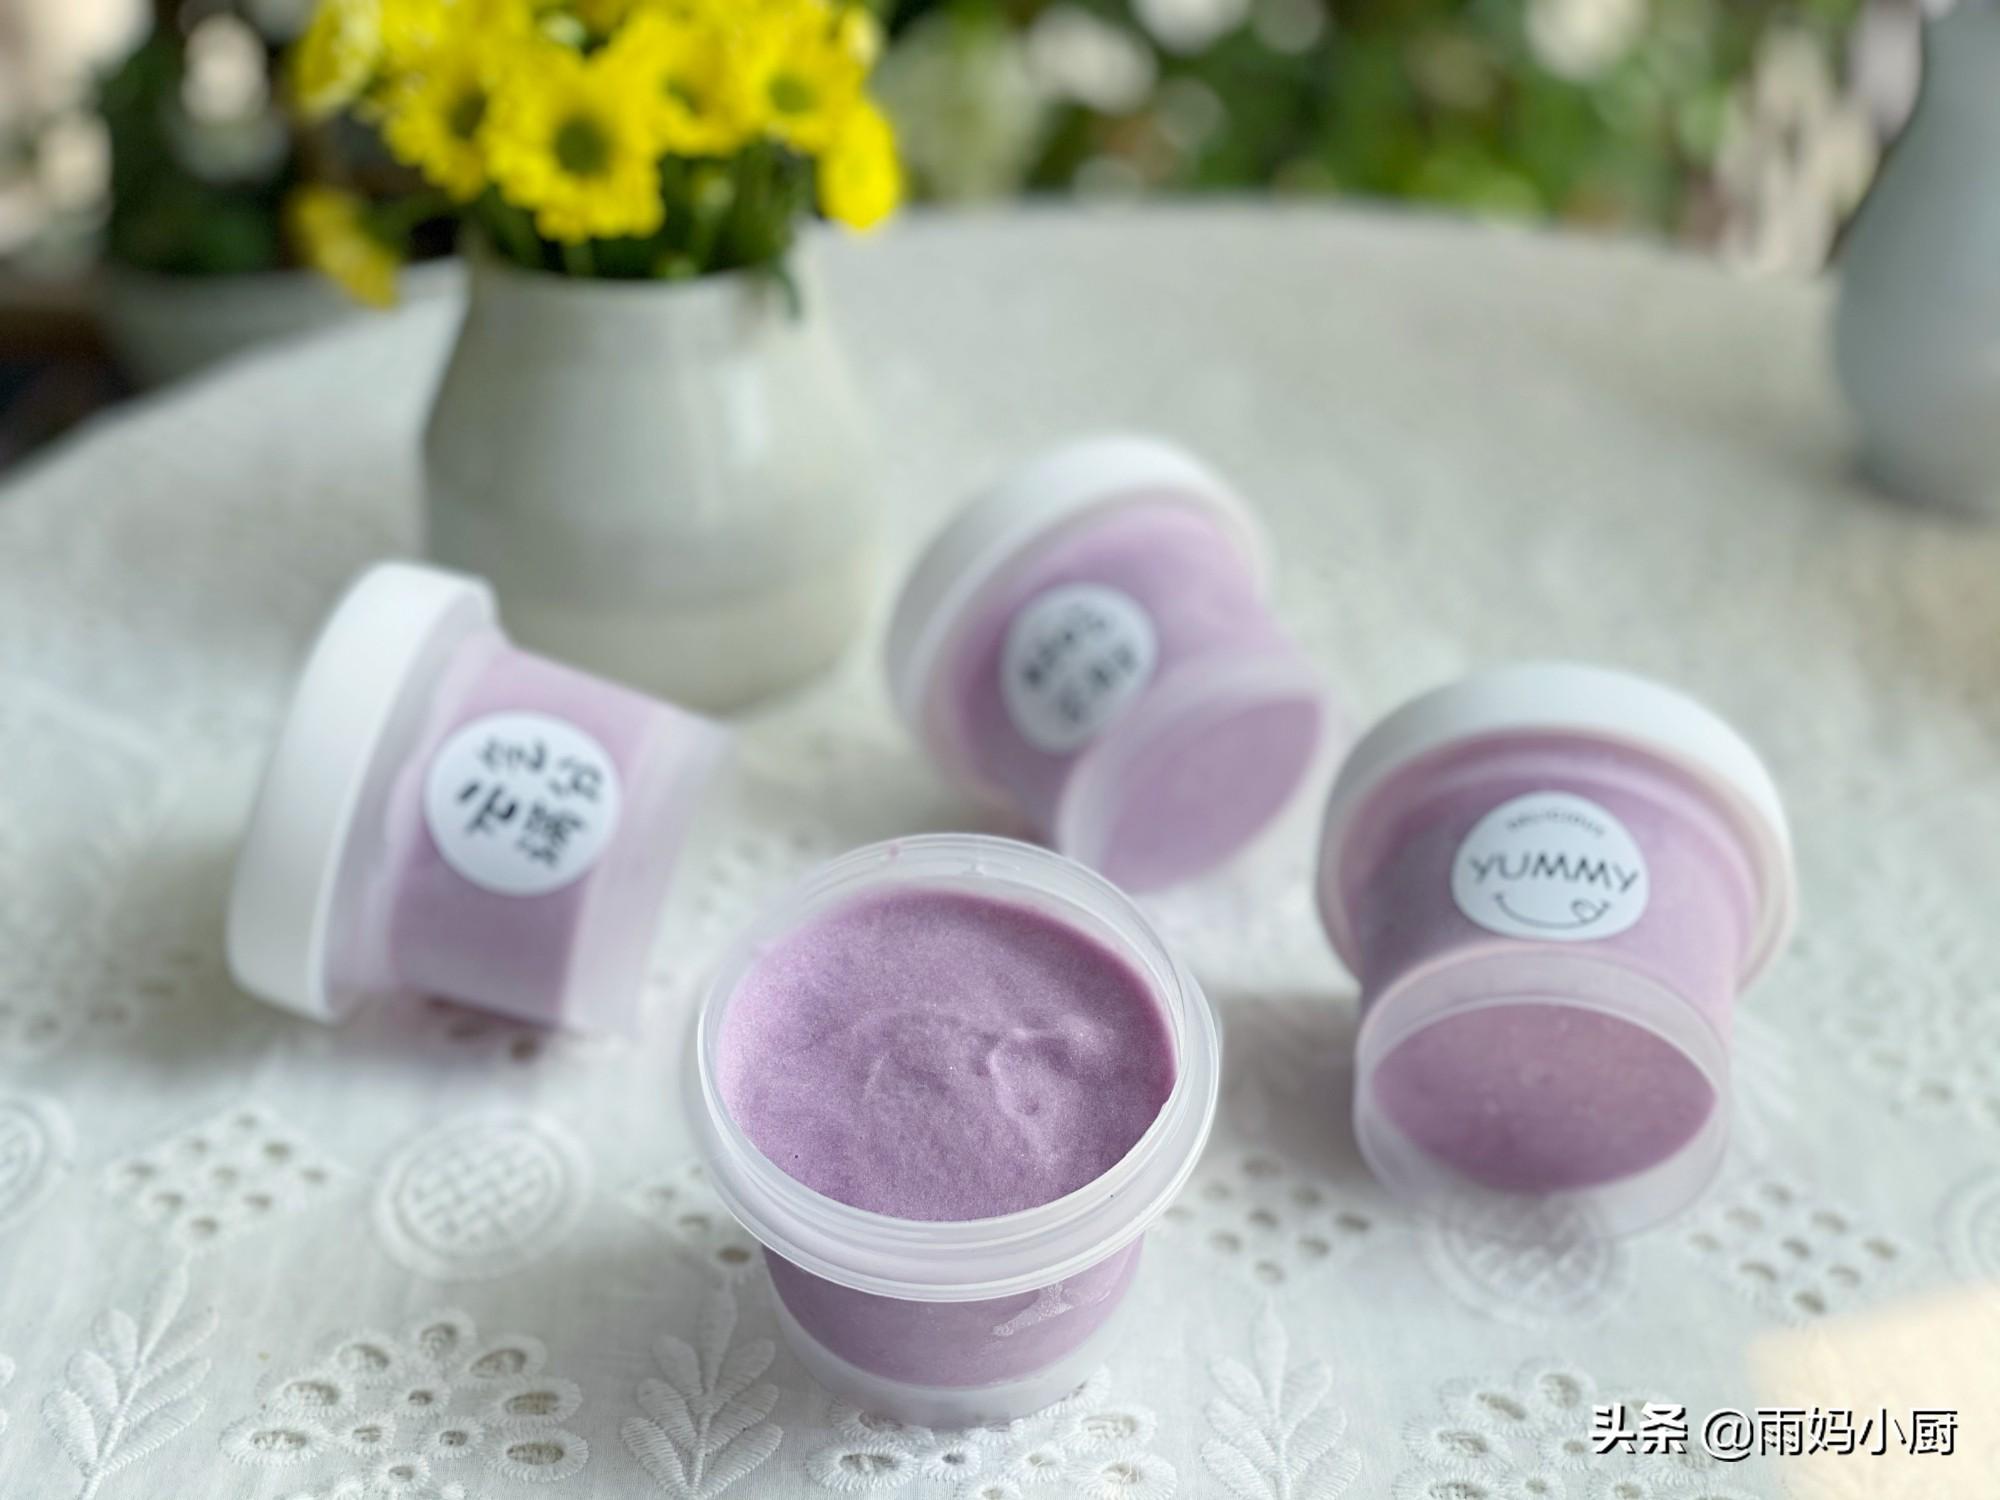 紫薯除了煮粥,還能做冰淇淋,香濃順滑健康又實惠,孩子吃得放心